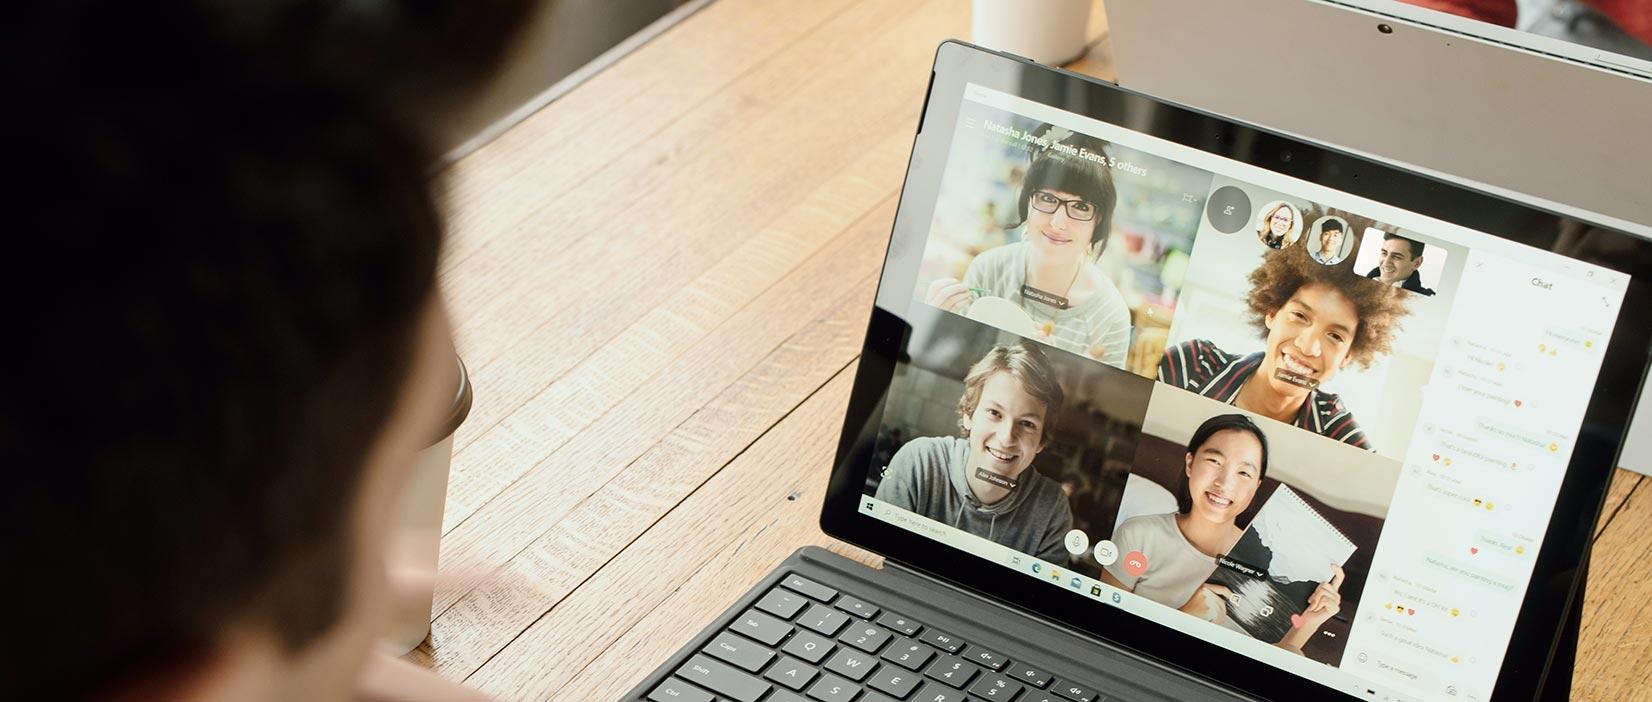 Mejores plataformas de videoconferencias